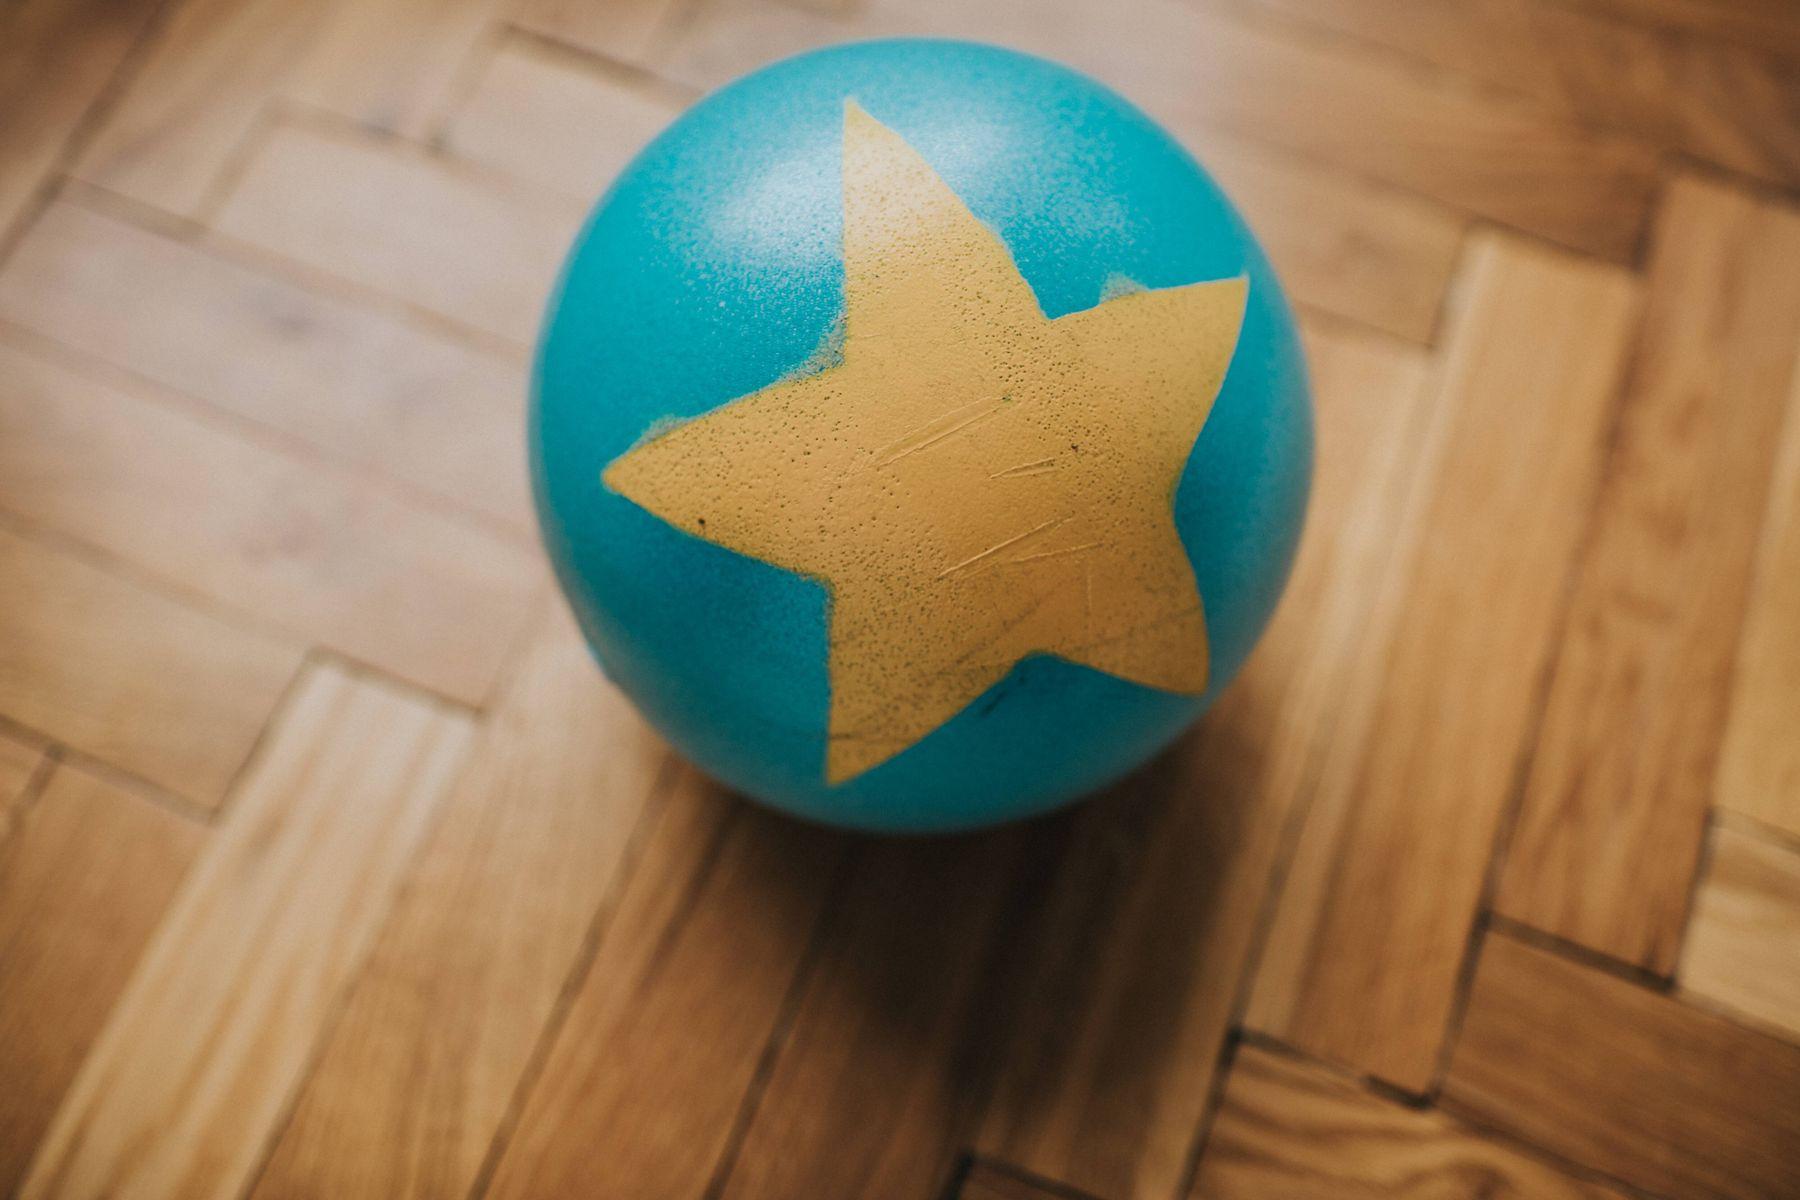 niebieska i żółta piłka na drewnianej podłodze